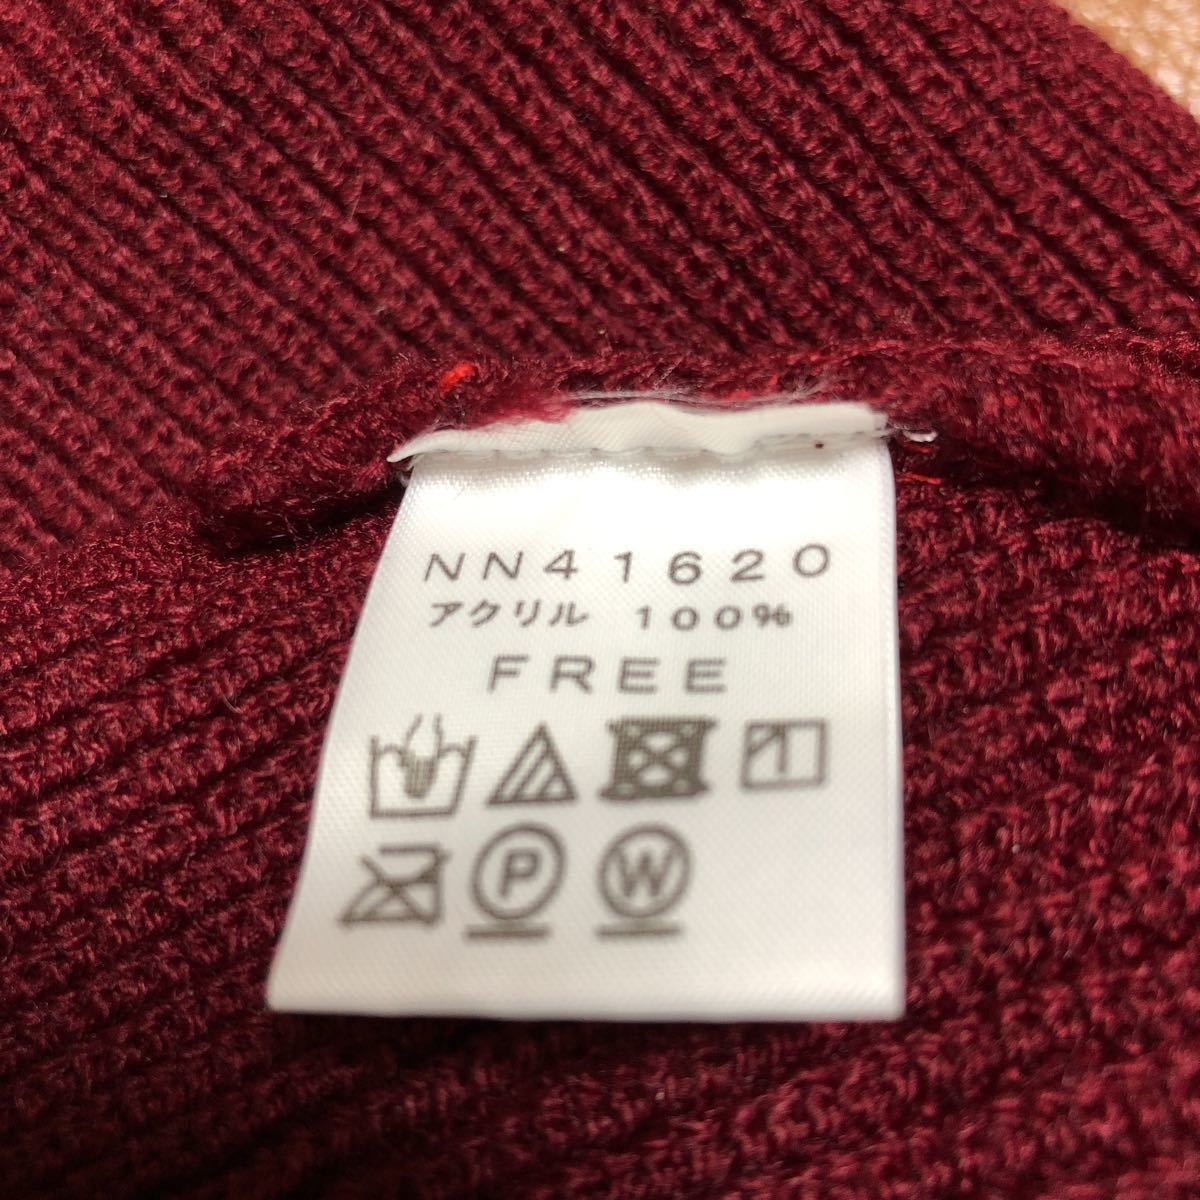 未使用 ノースフェイス ステッチワーク ビーニー ワッチ ニット帽 帽子 ニットキャップ NN41620 THE NORTH FACE Stitchwork Beanie レッド